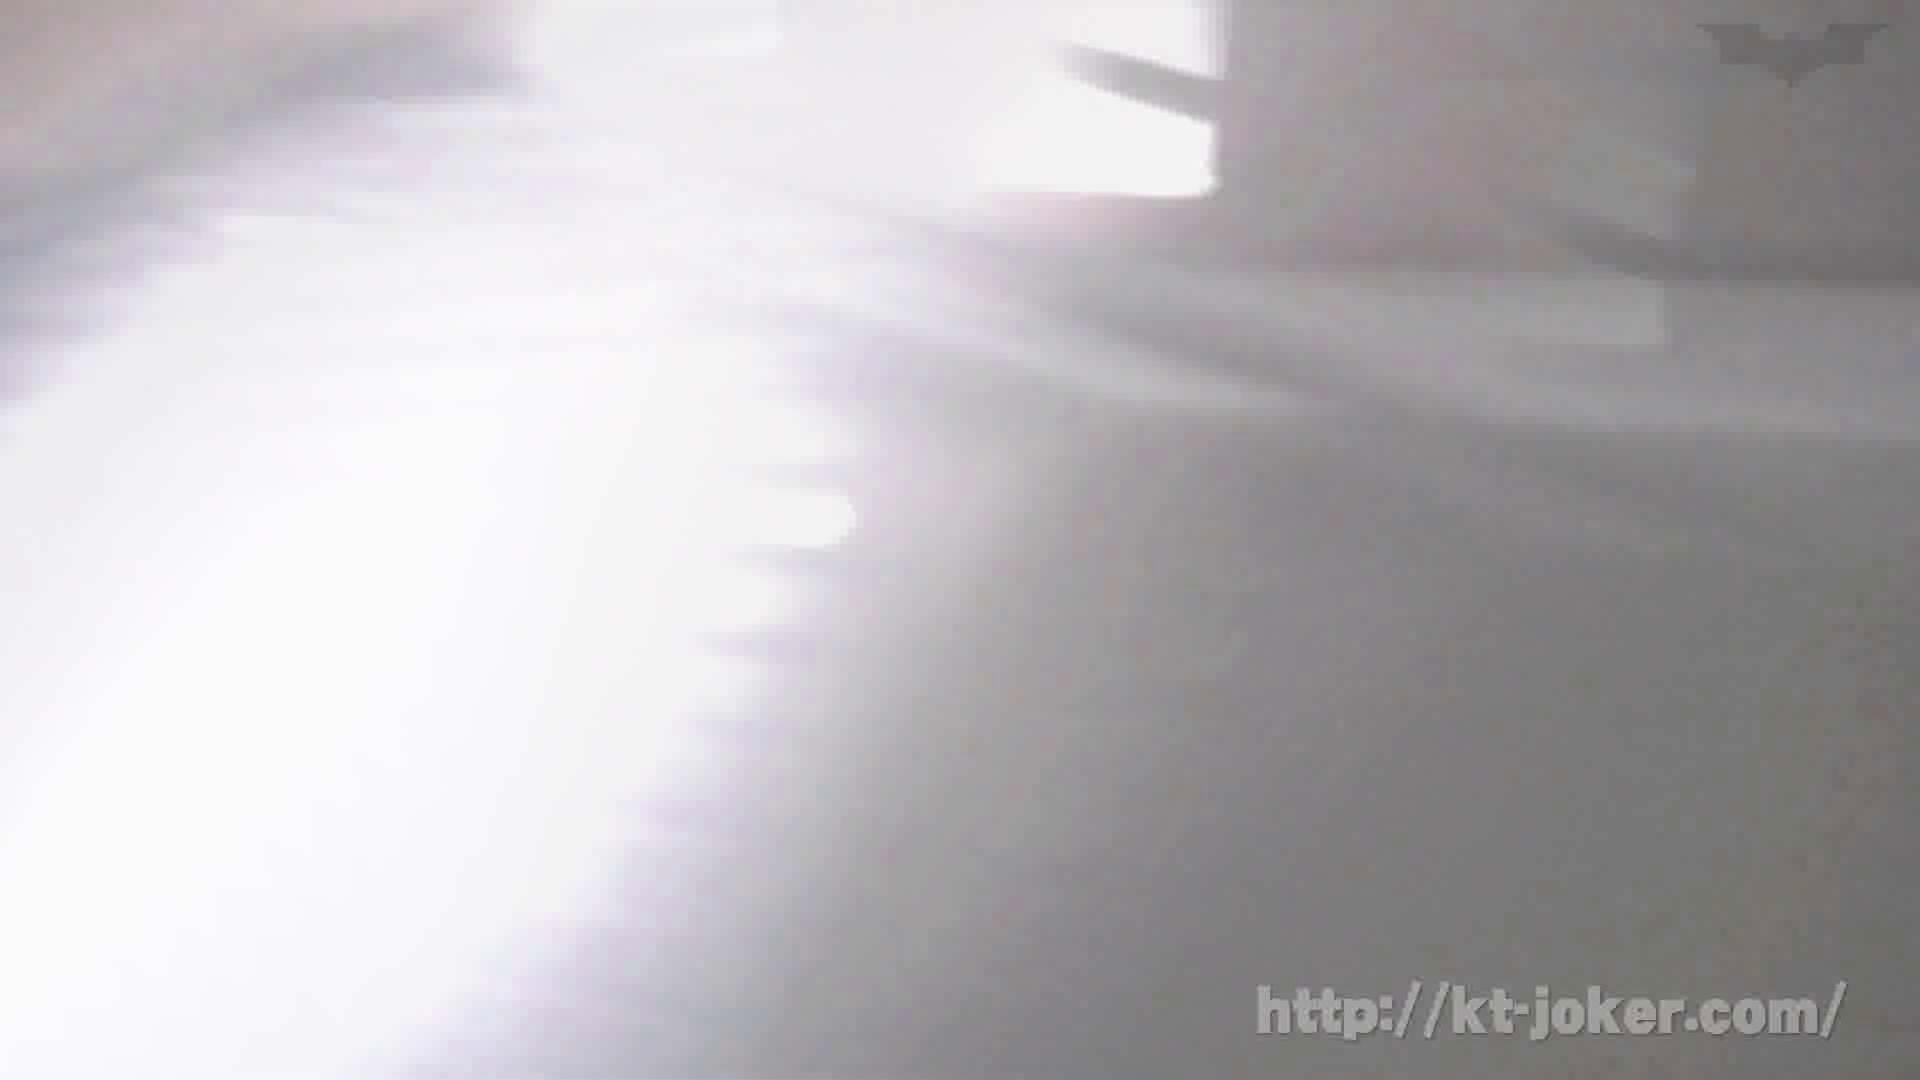 命がけ潜伏洗面所! vol.68 レベルアップ!! 0 | 0  28画像 7